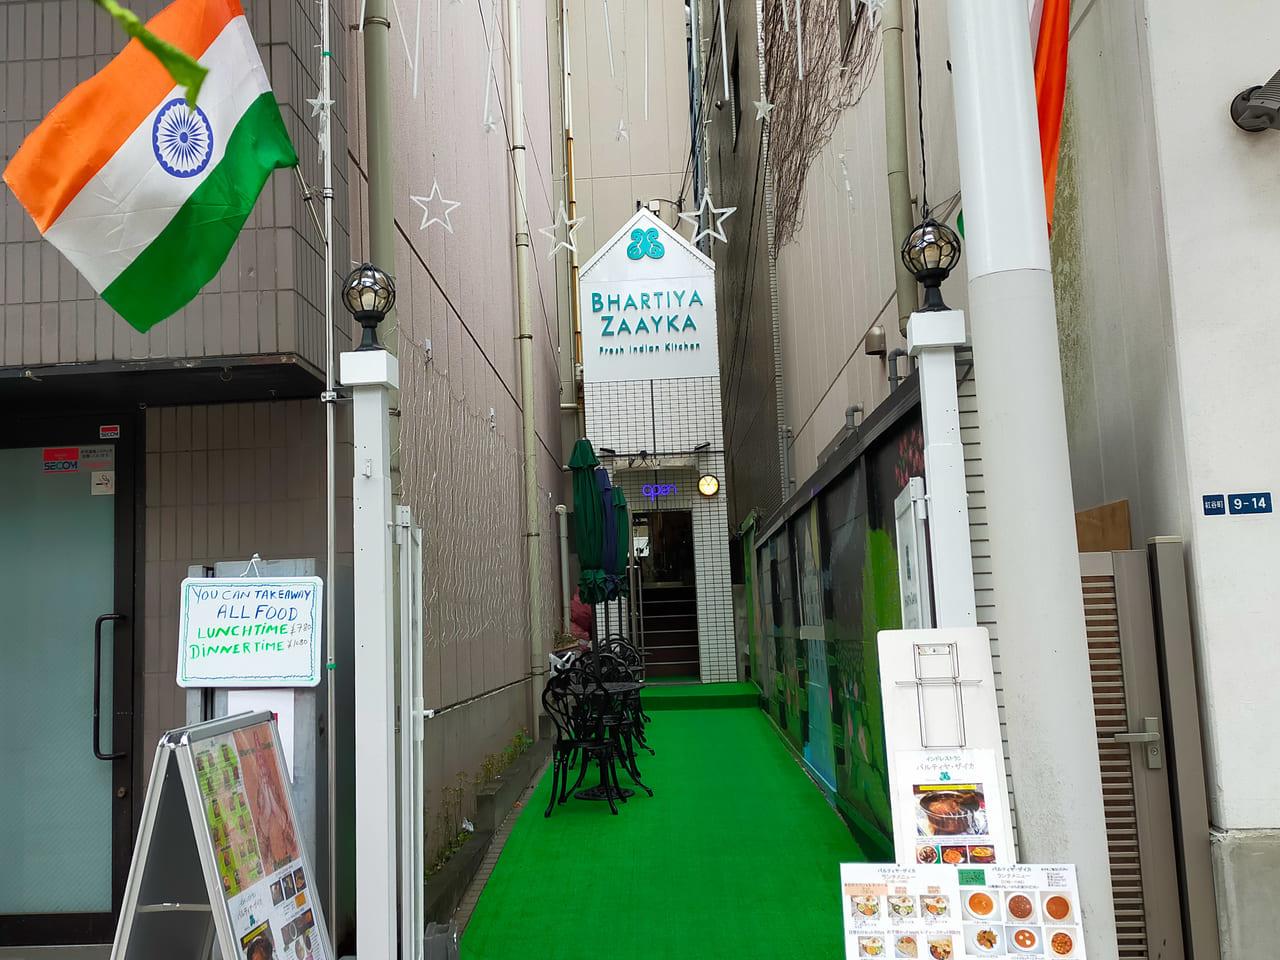 紅谷パールロードに今年1月オープンした「バルティヤ・ザイカ 平塚店」が人気のようです。